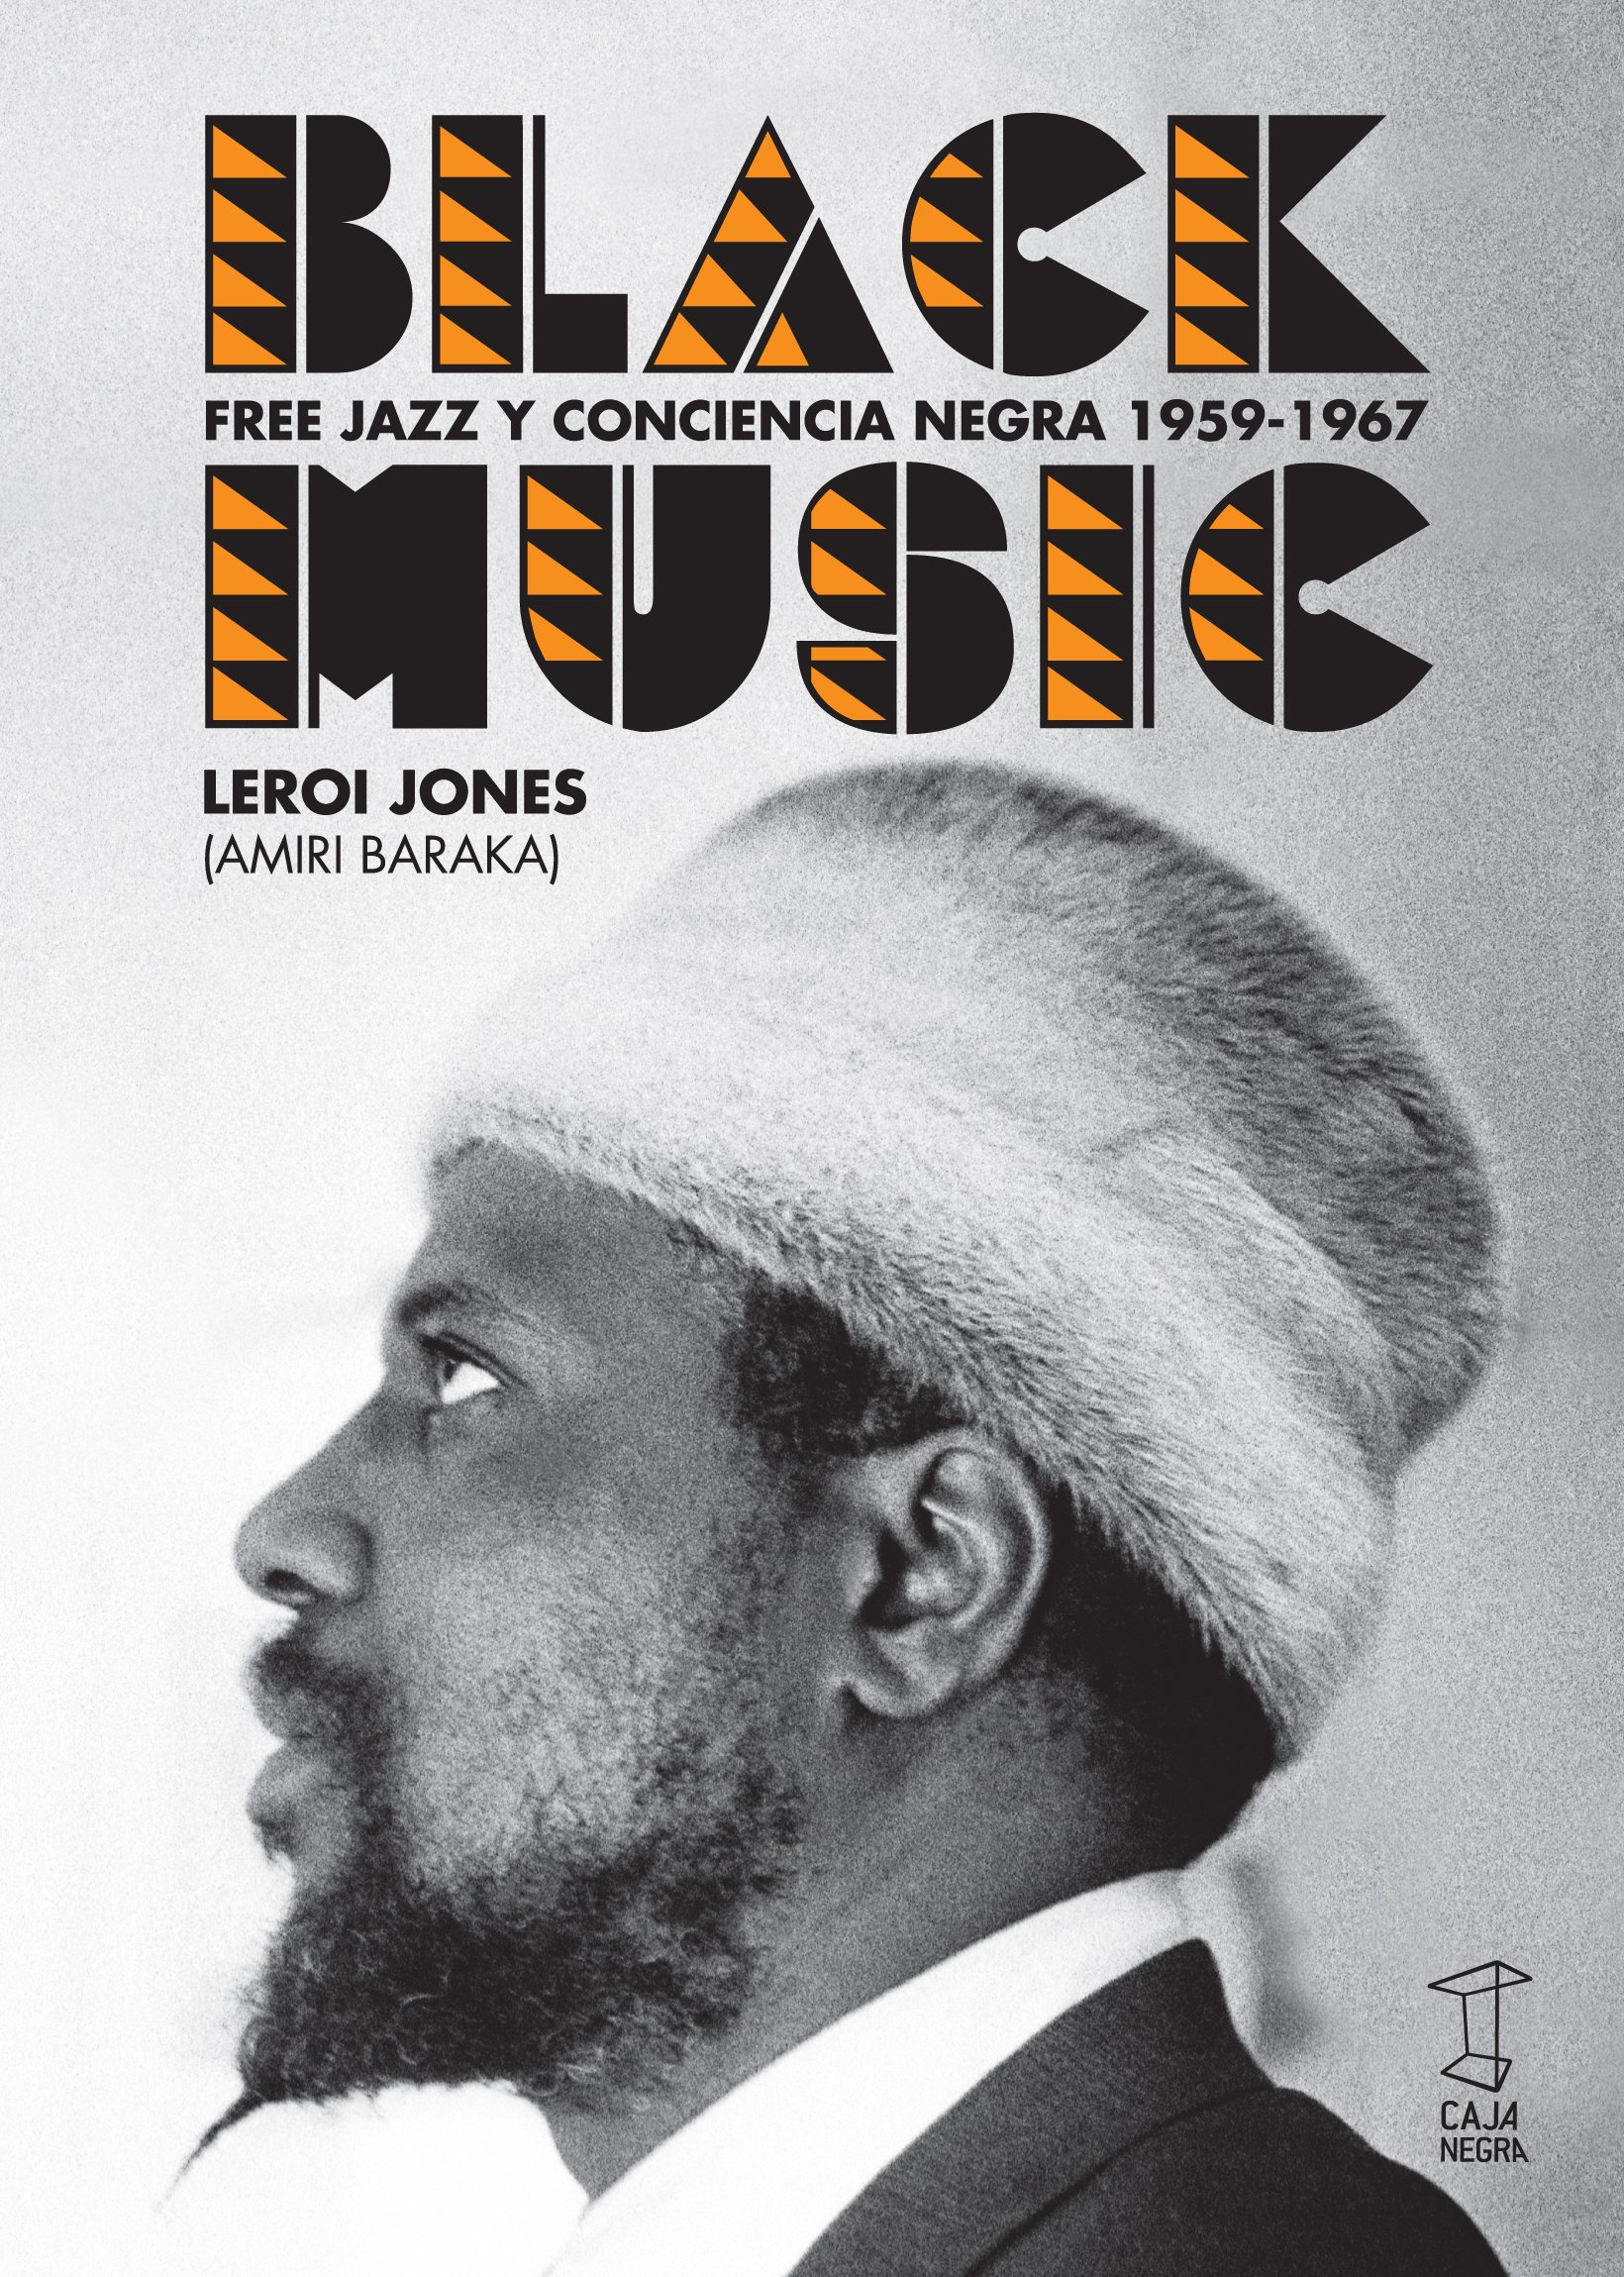 black-music-free-jazz-y-conciencia-negra-1959-1967